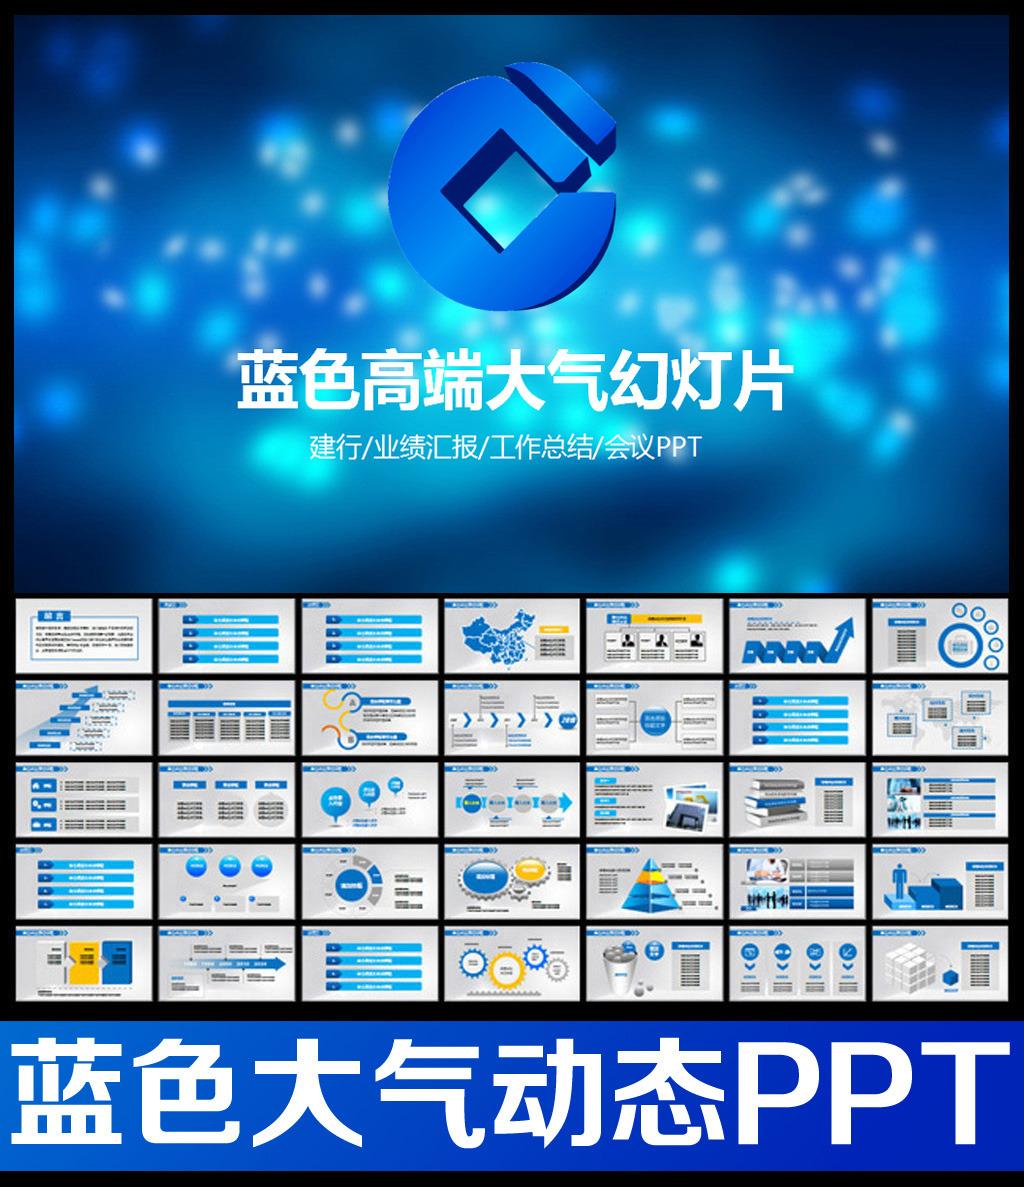 融理财工作总结PPT模板下载 中国建设银行金融理财工作总结PPT图